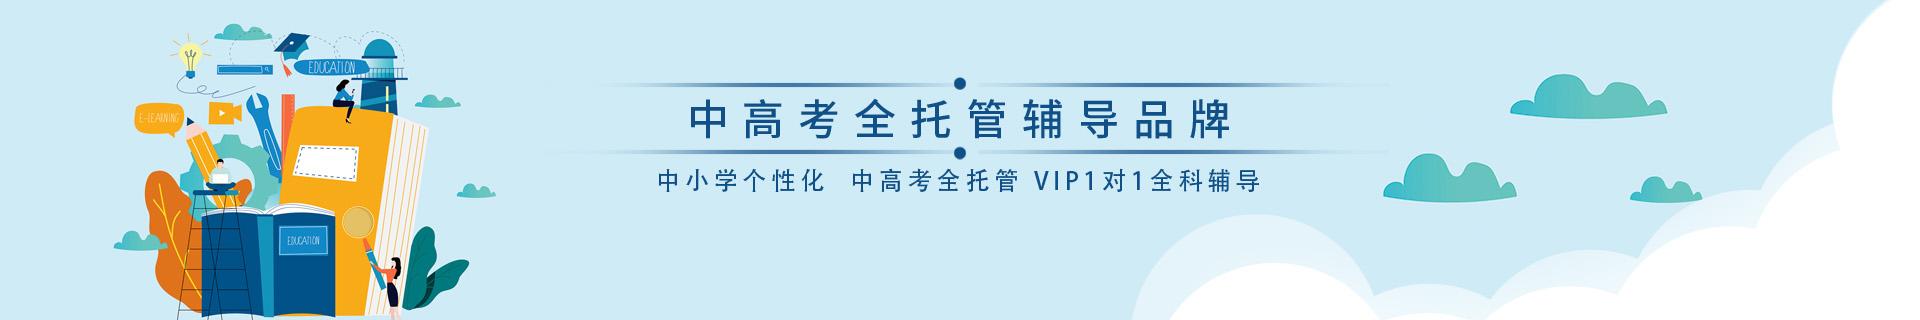 北京朝阳区劲松金博教育机构